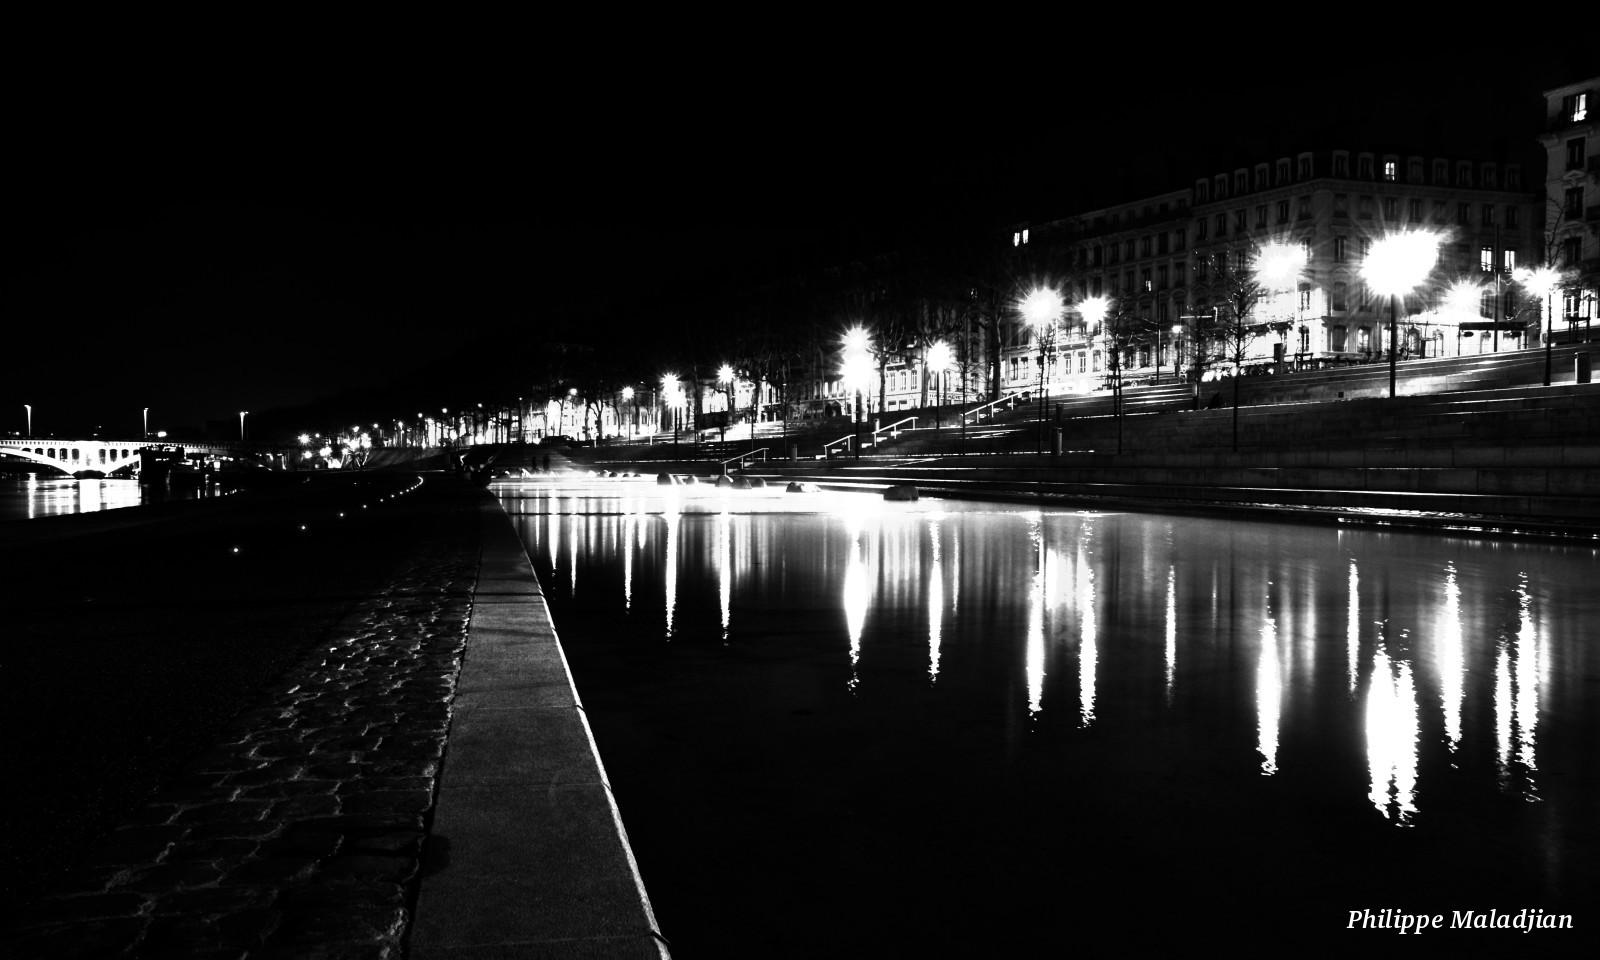 Backupeur, les releases - BlogoFlip - Philippe Maladjian - Péripéties bucoliques d'un administrateur systèmes au royaume de la virtualisation, du stockage et accessoirement photographe à ses heures perdues